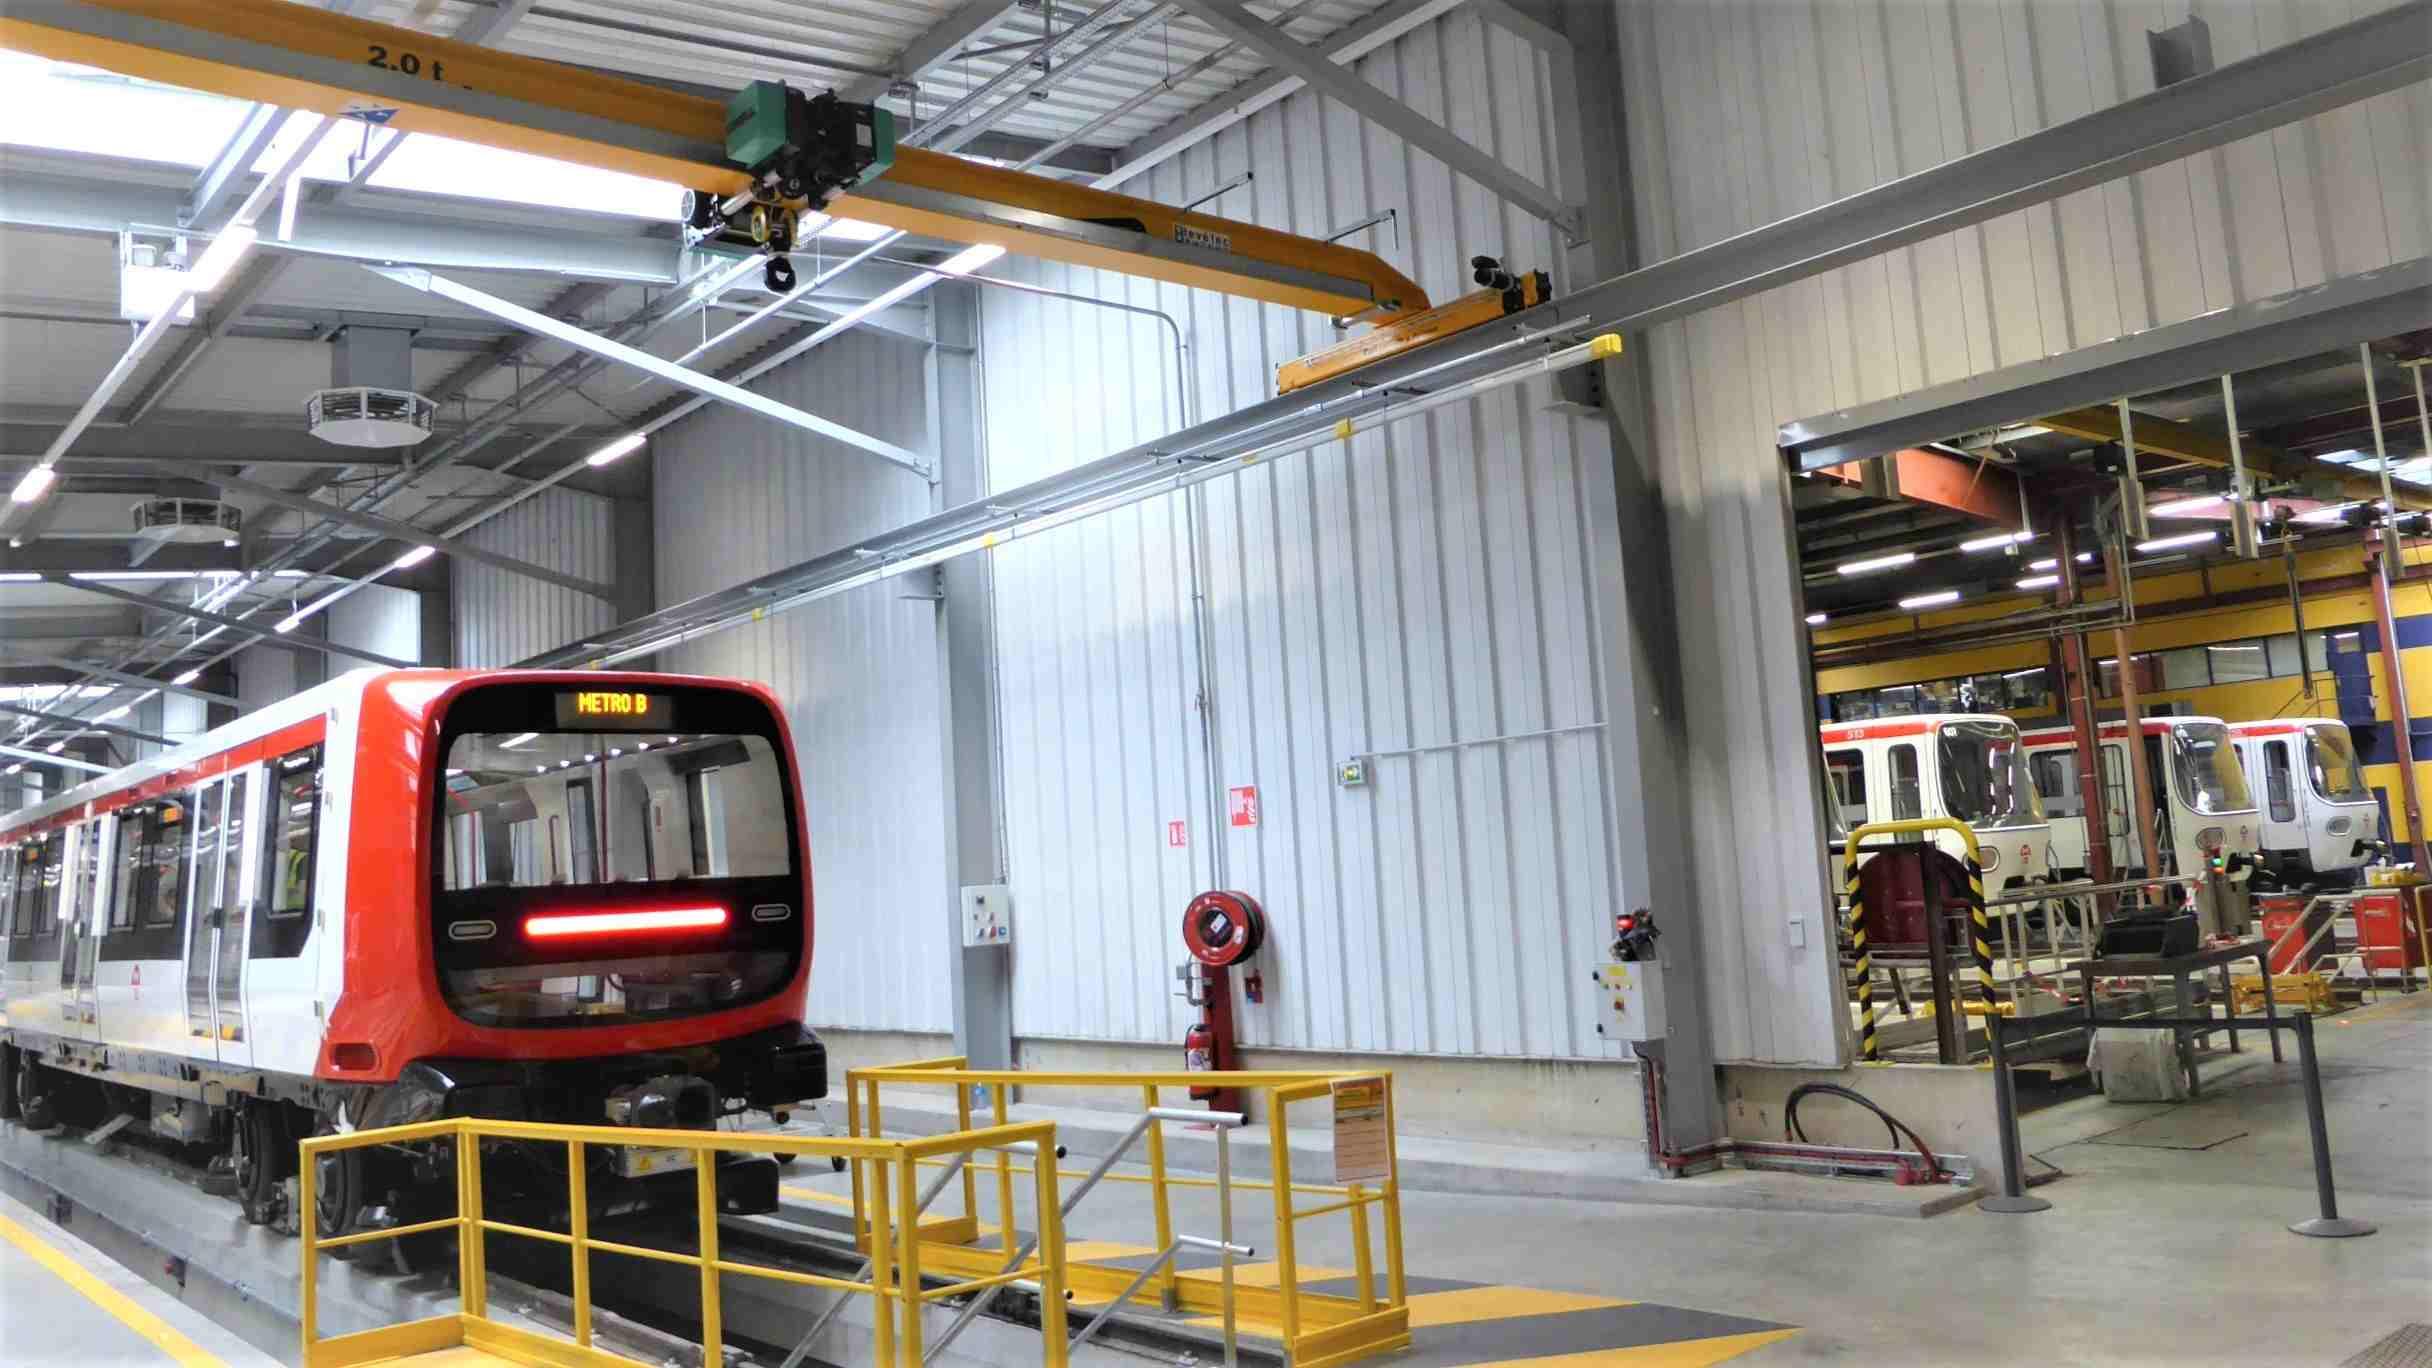 Ateliers de maintenance du métro de Lyon - Vaulx-en-Velin